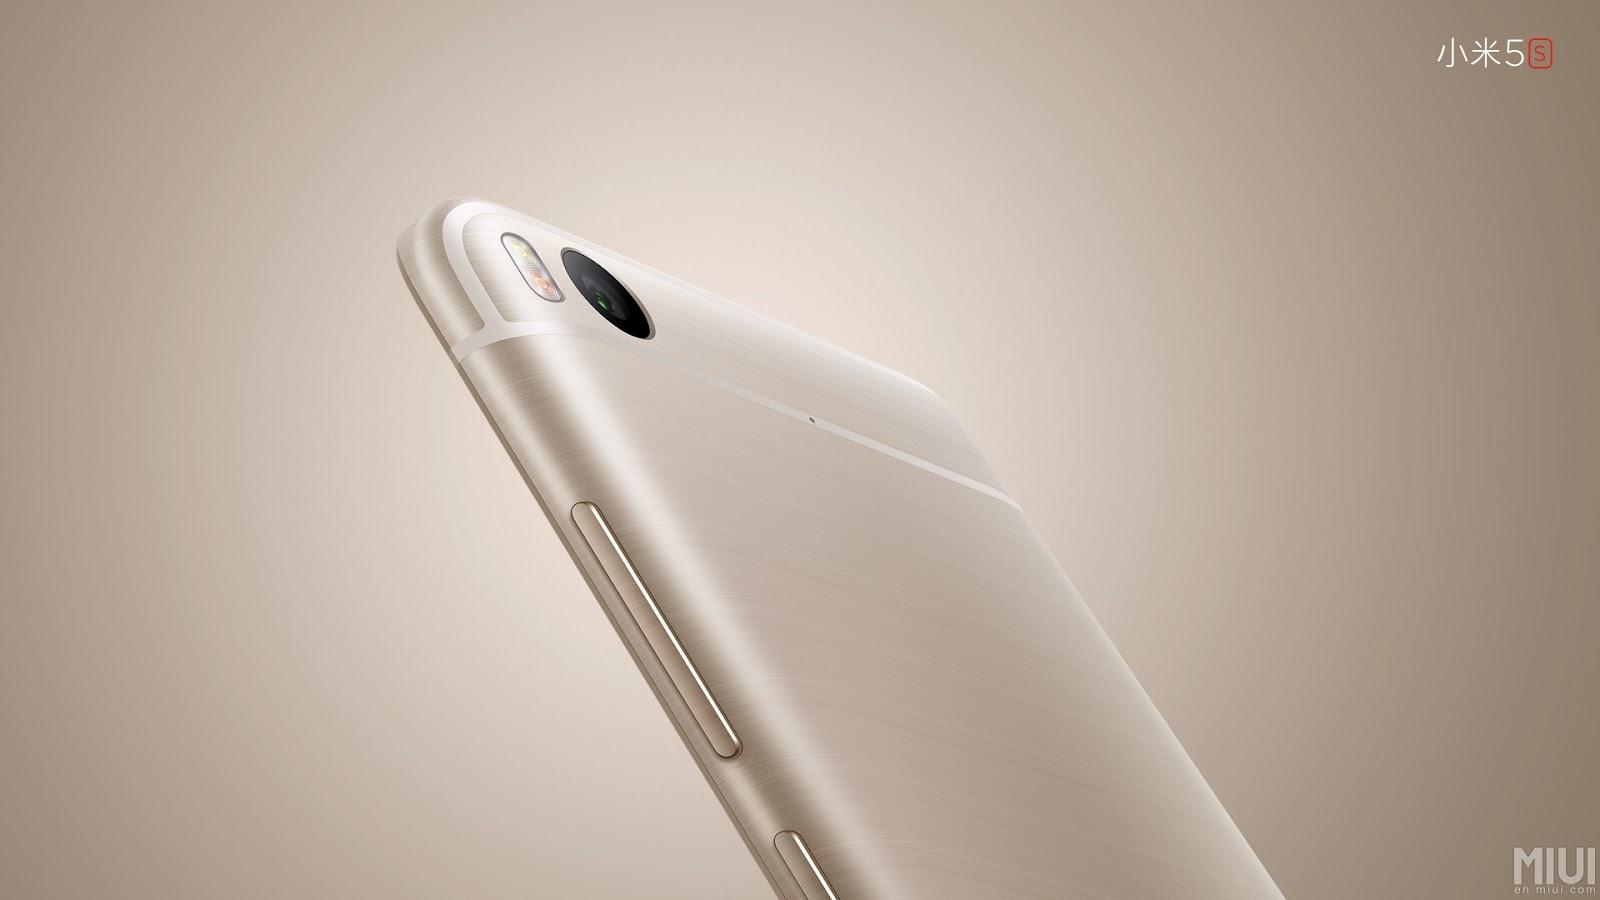 Осенний смартфонопад: китайский «Galaxy Note 7» и другие новинки от Xiaomi - 5